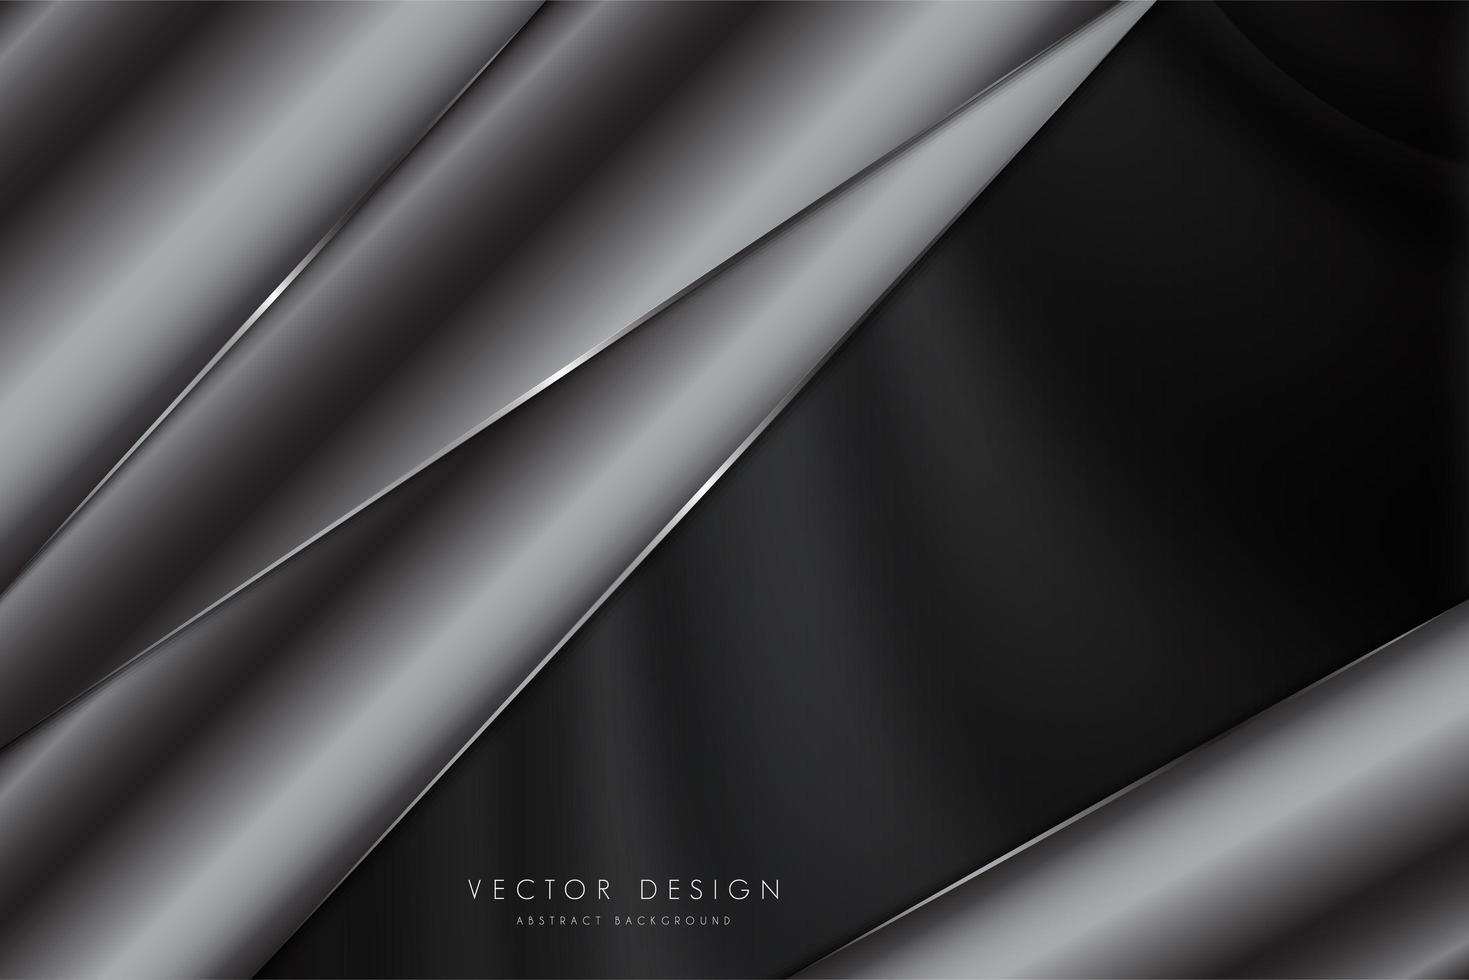 élégant fond gris foncé vecteur